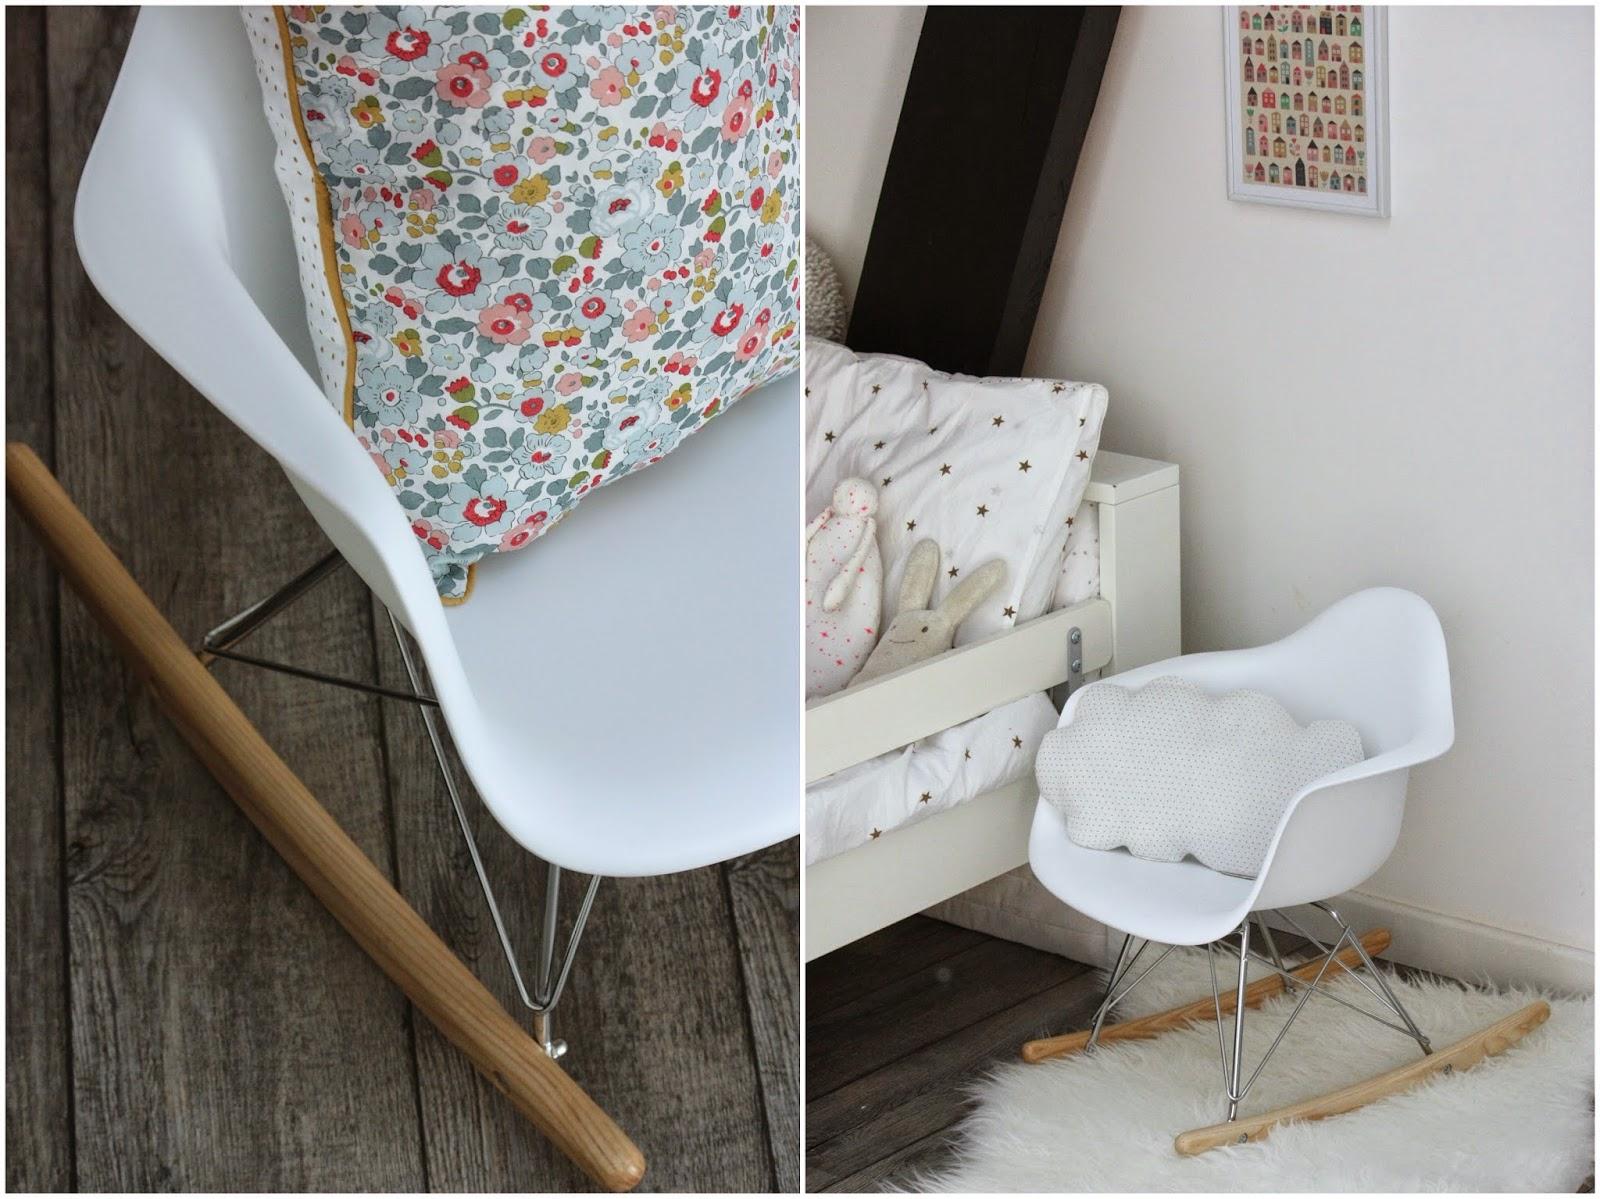 un nouveau regard d co enfant mon coup de coeur de la rentr e le fauteuil eames bascule. Black Bedroom Furniture Sets. Home Design Ideas